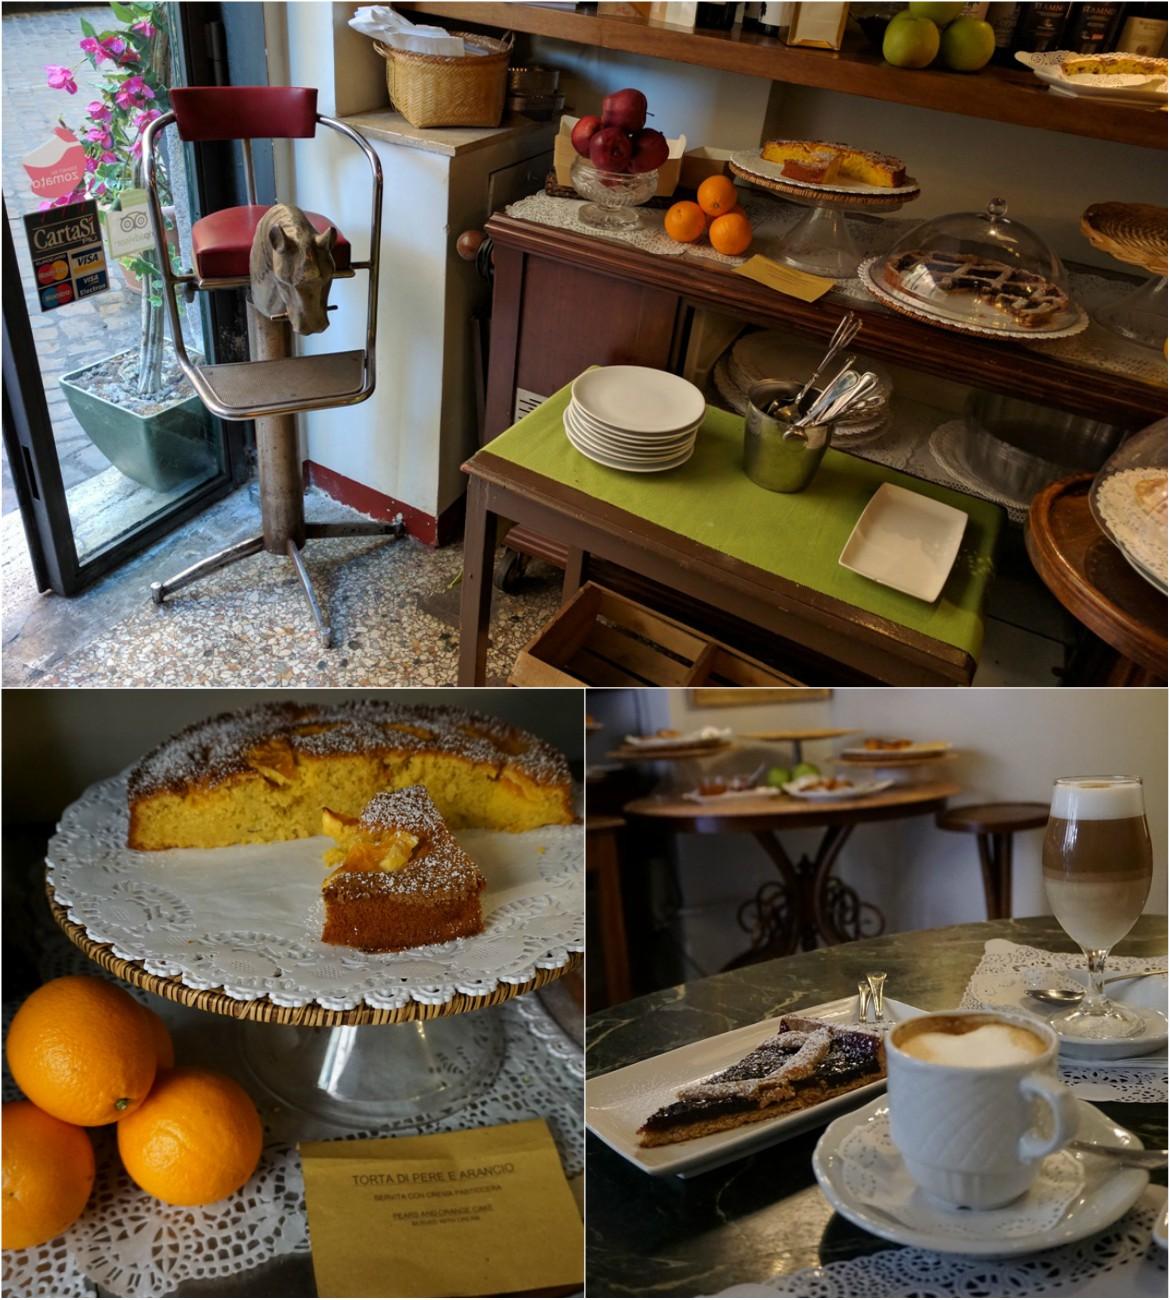 Πρωινό ιταλικού στιλ στο Cafe Novecento